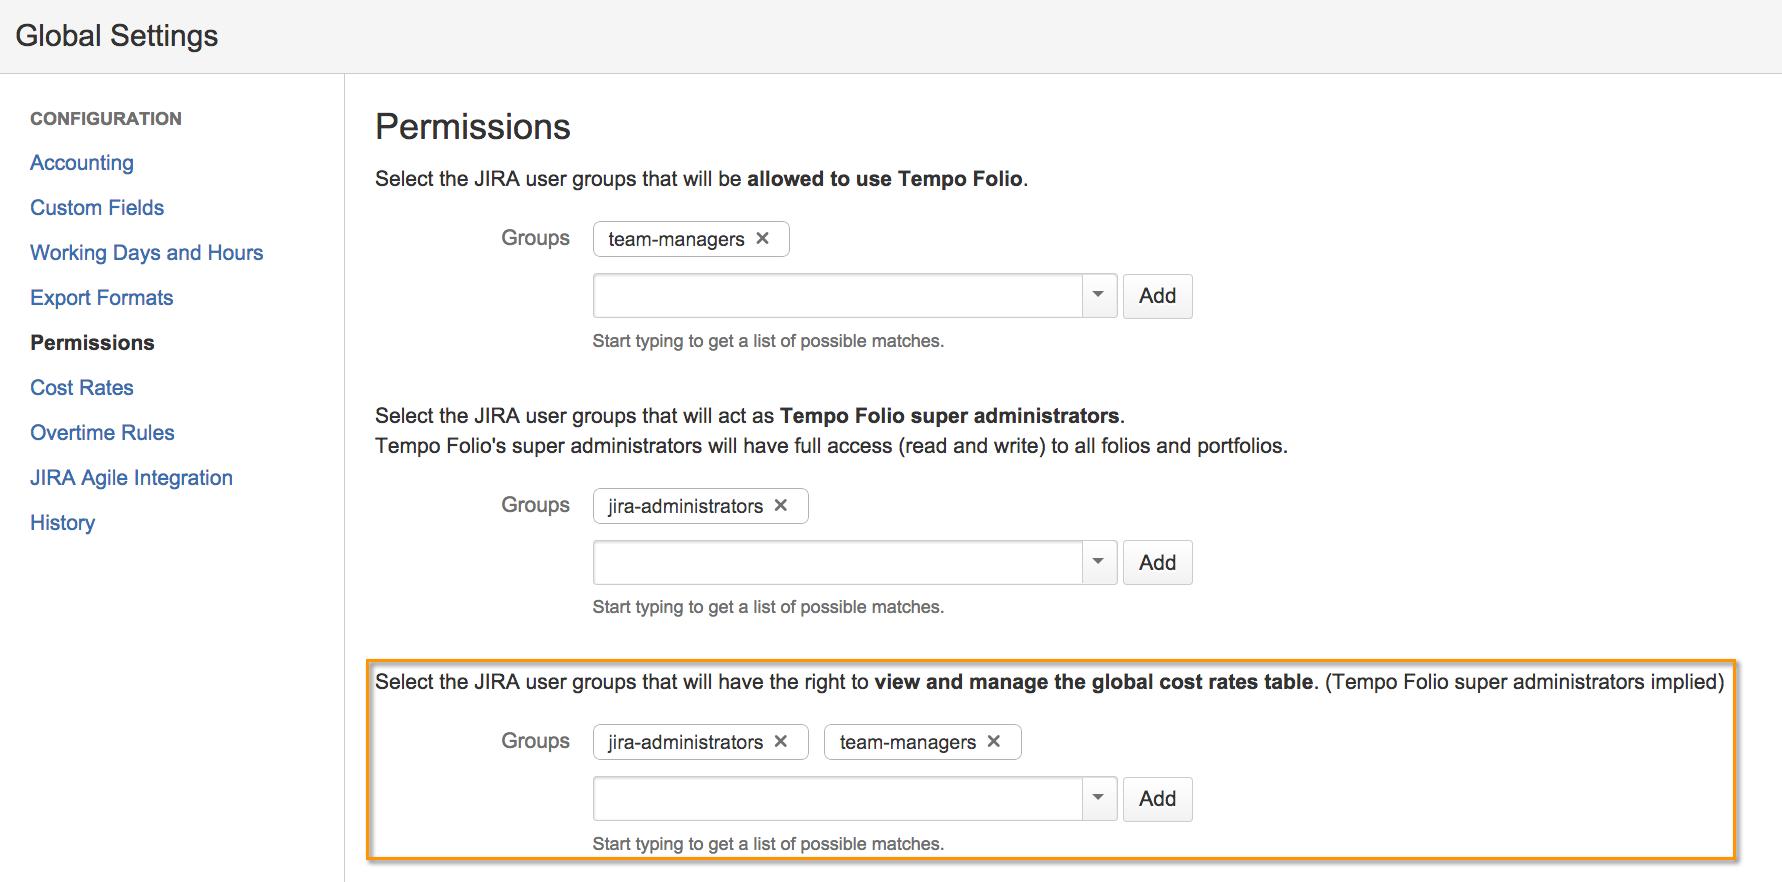 tempo-folio-global-settings